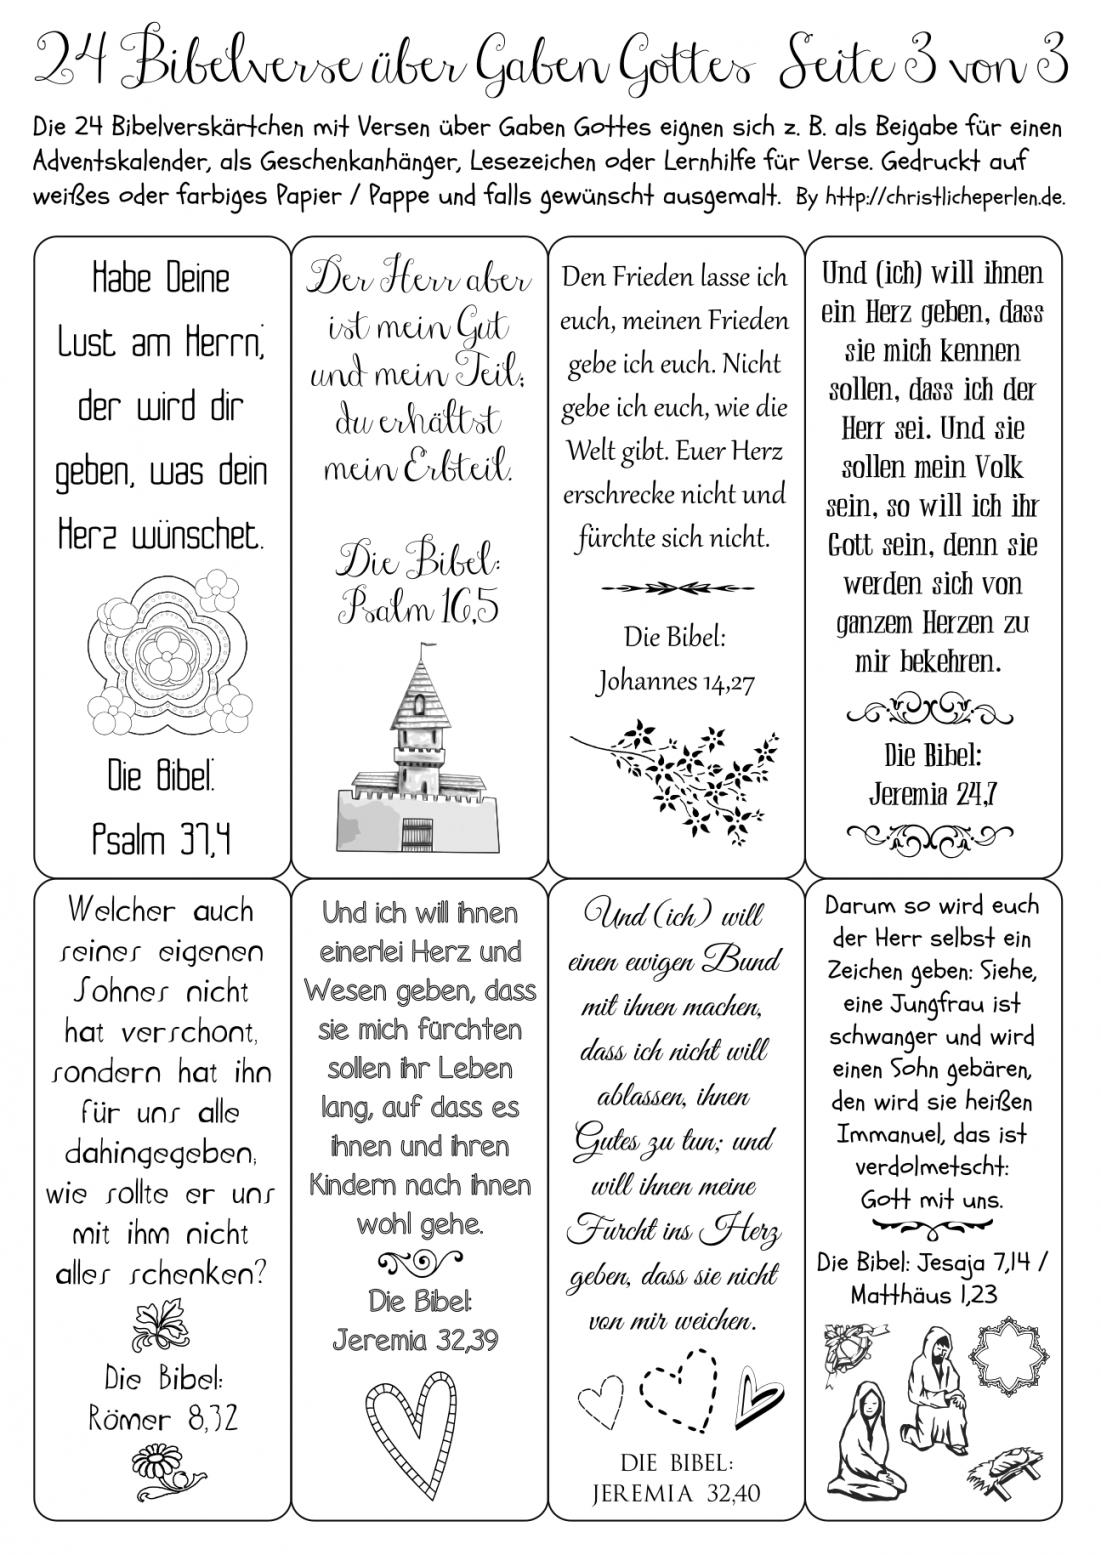 Adventskalender  Christliche Perlen von Adventskalender Mit Sprüchen Selber Machen Photo